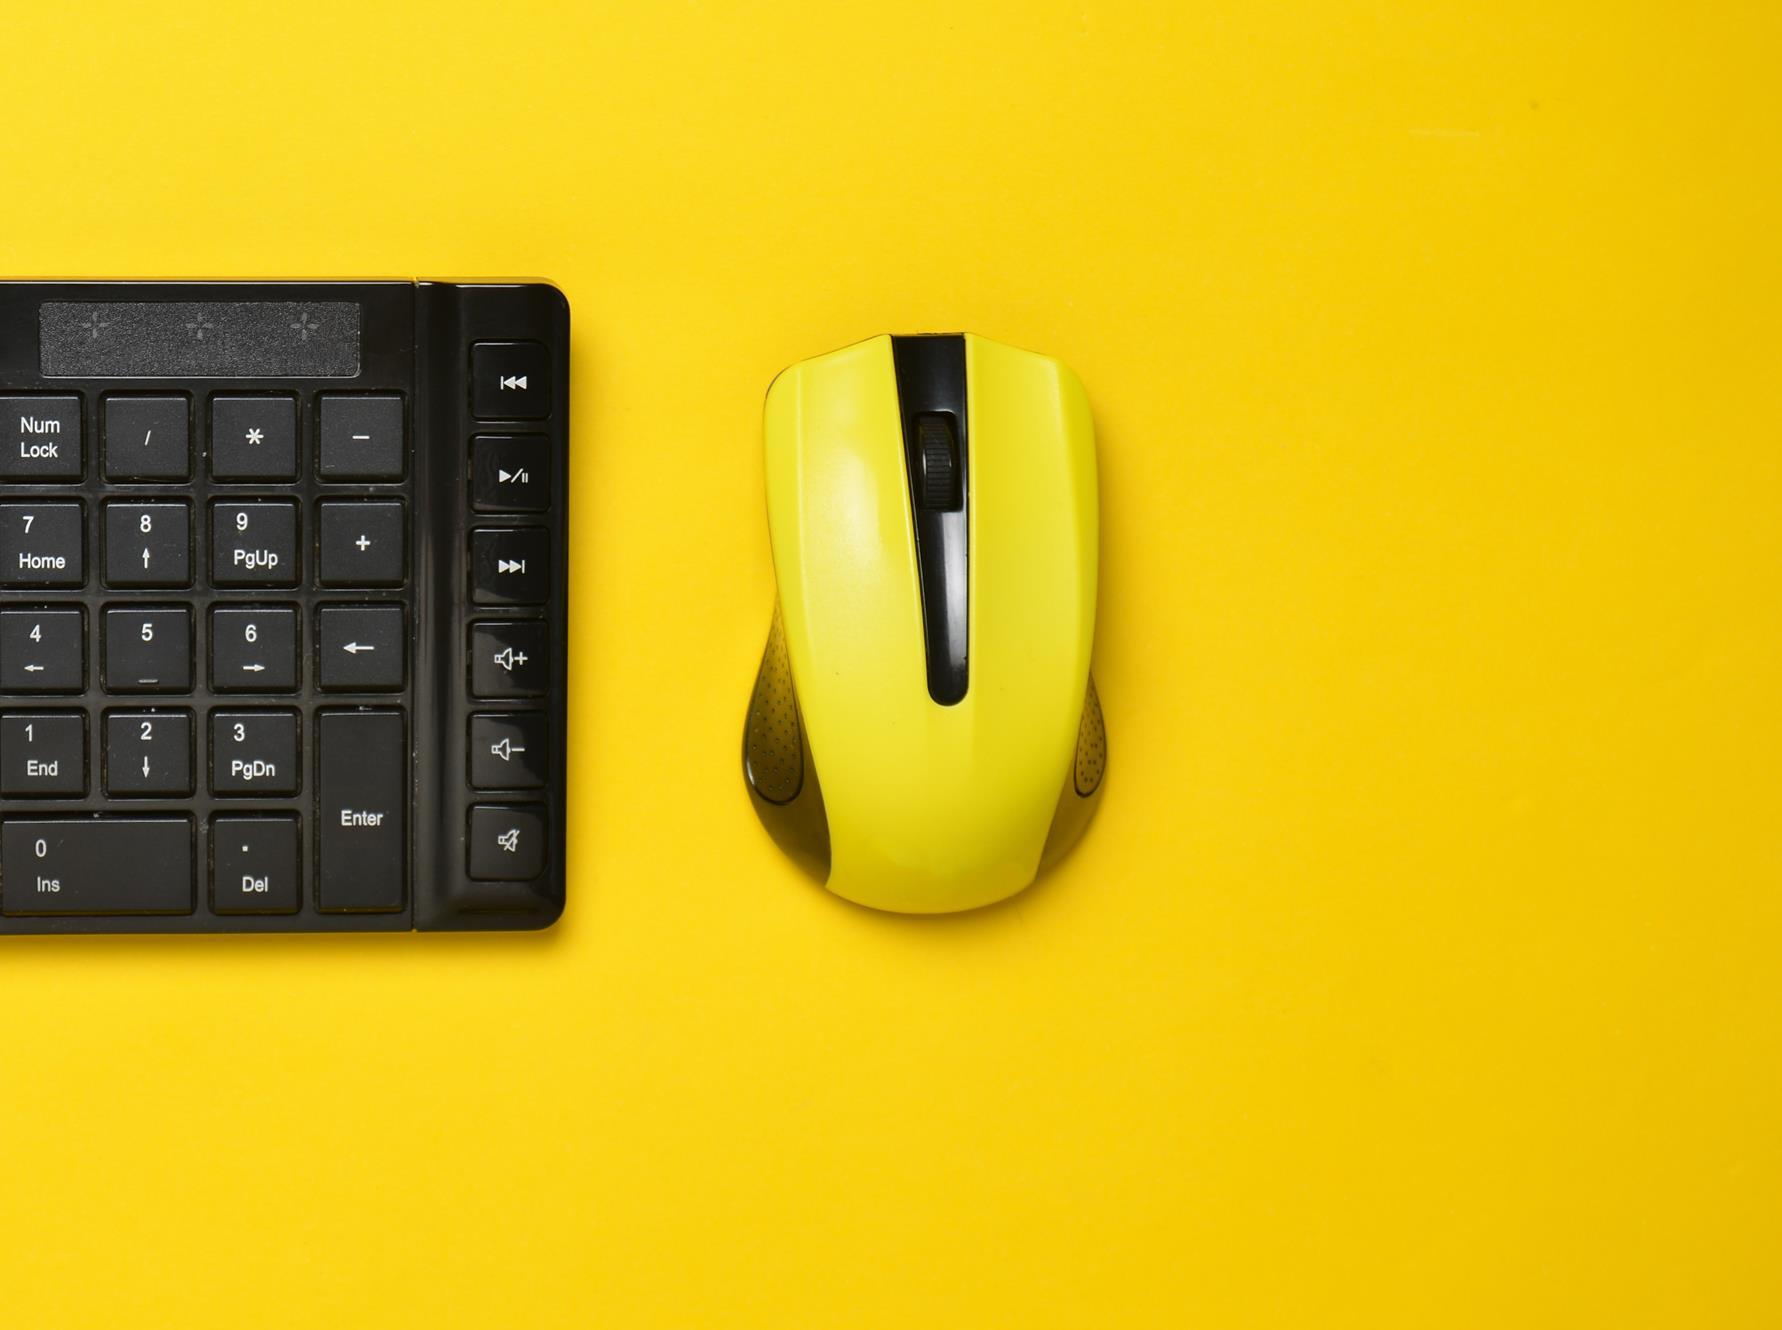 Myszka komputerowa i klawiatura na żółtym tle